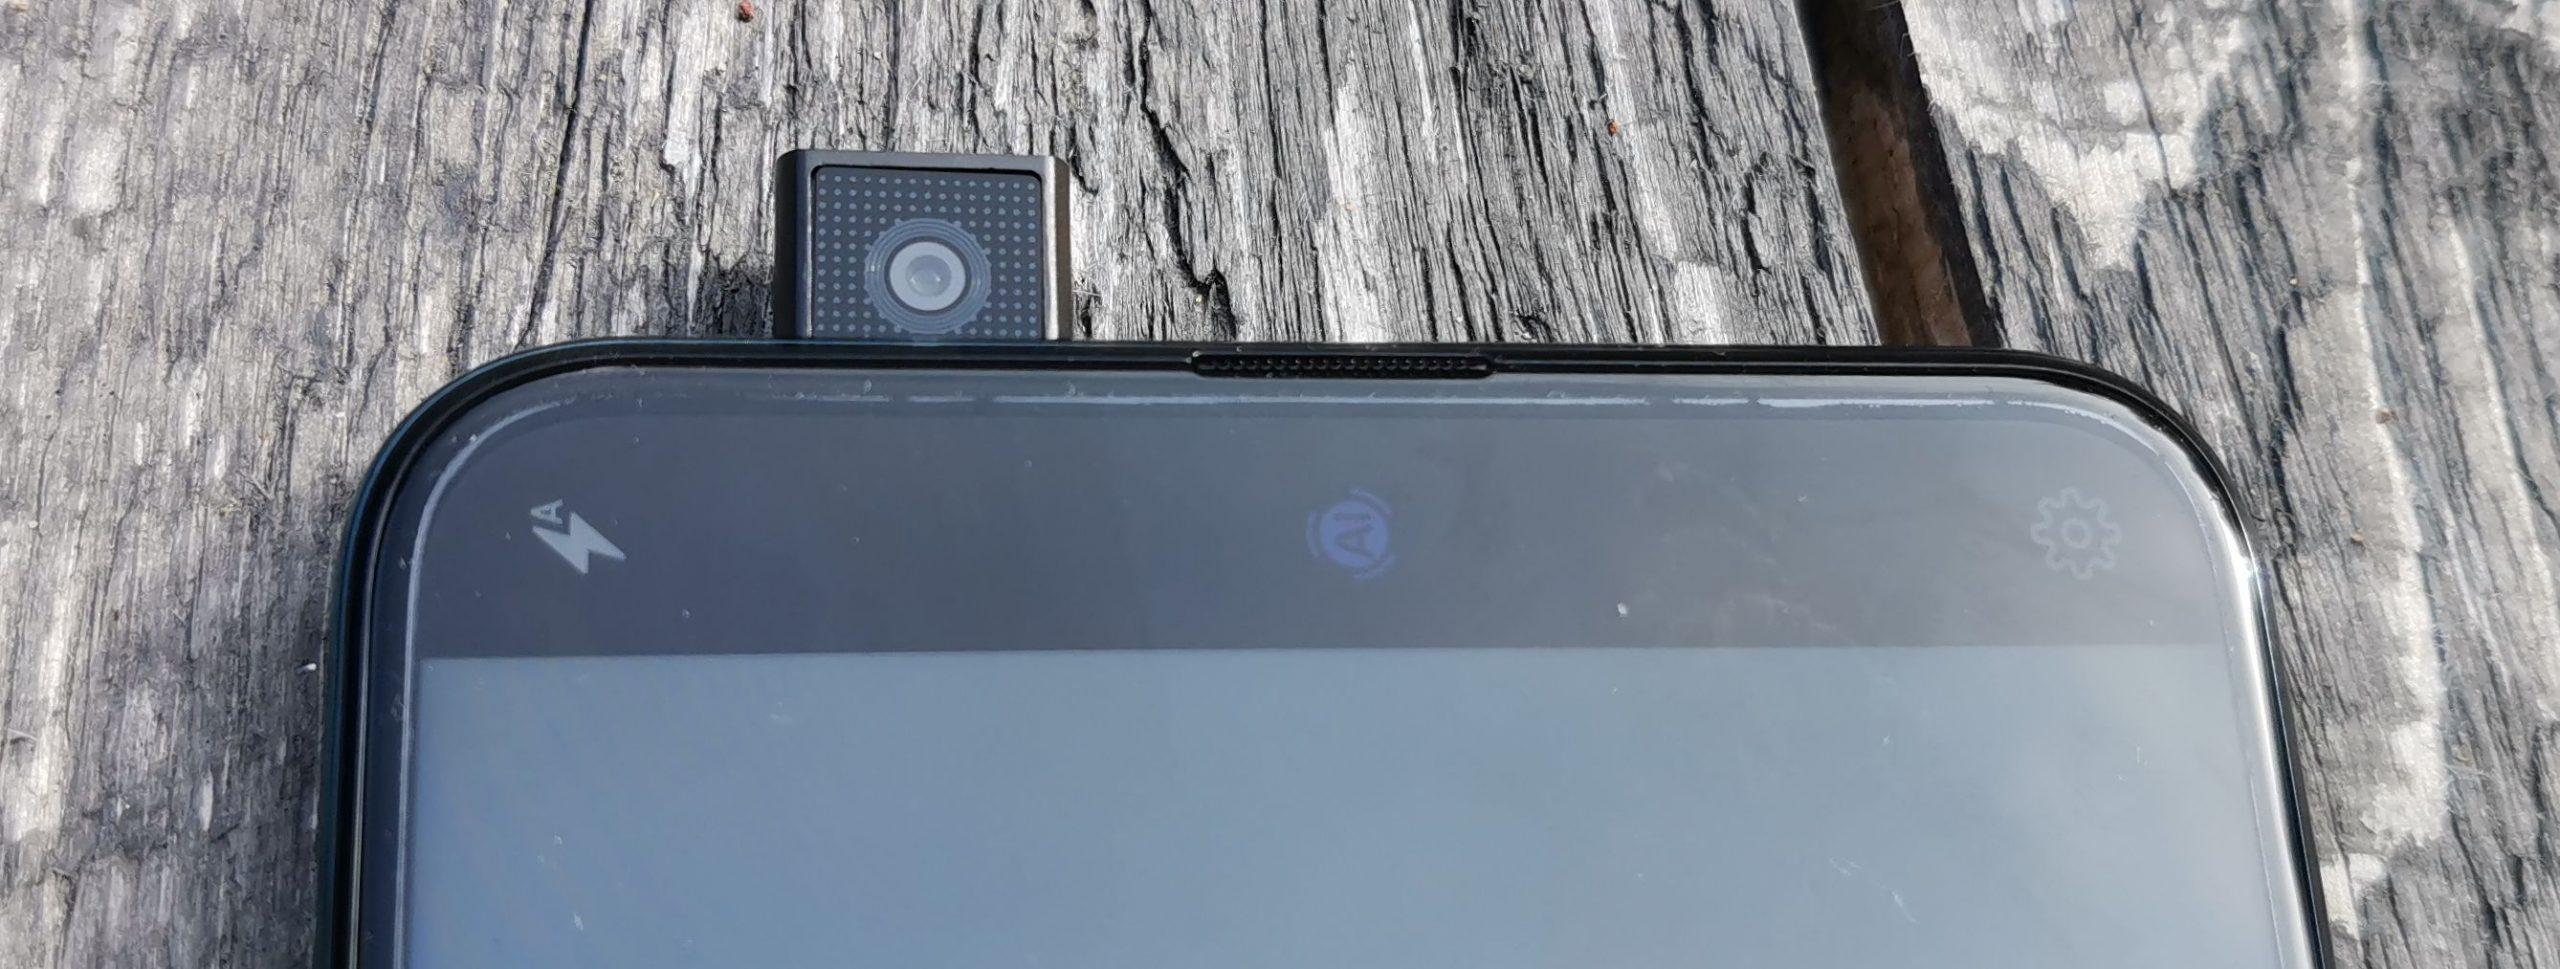 Etukamera ilmestyy tarvittaessa P Smart Z:n yläosasta.